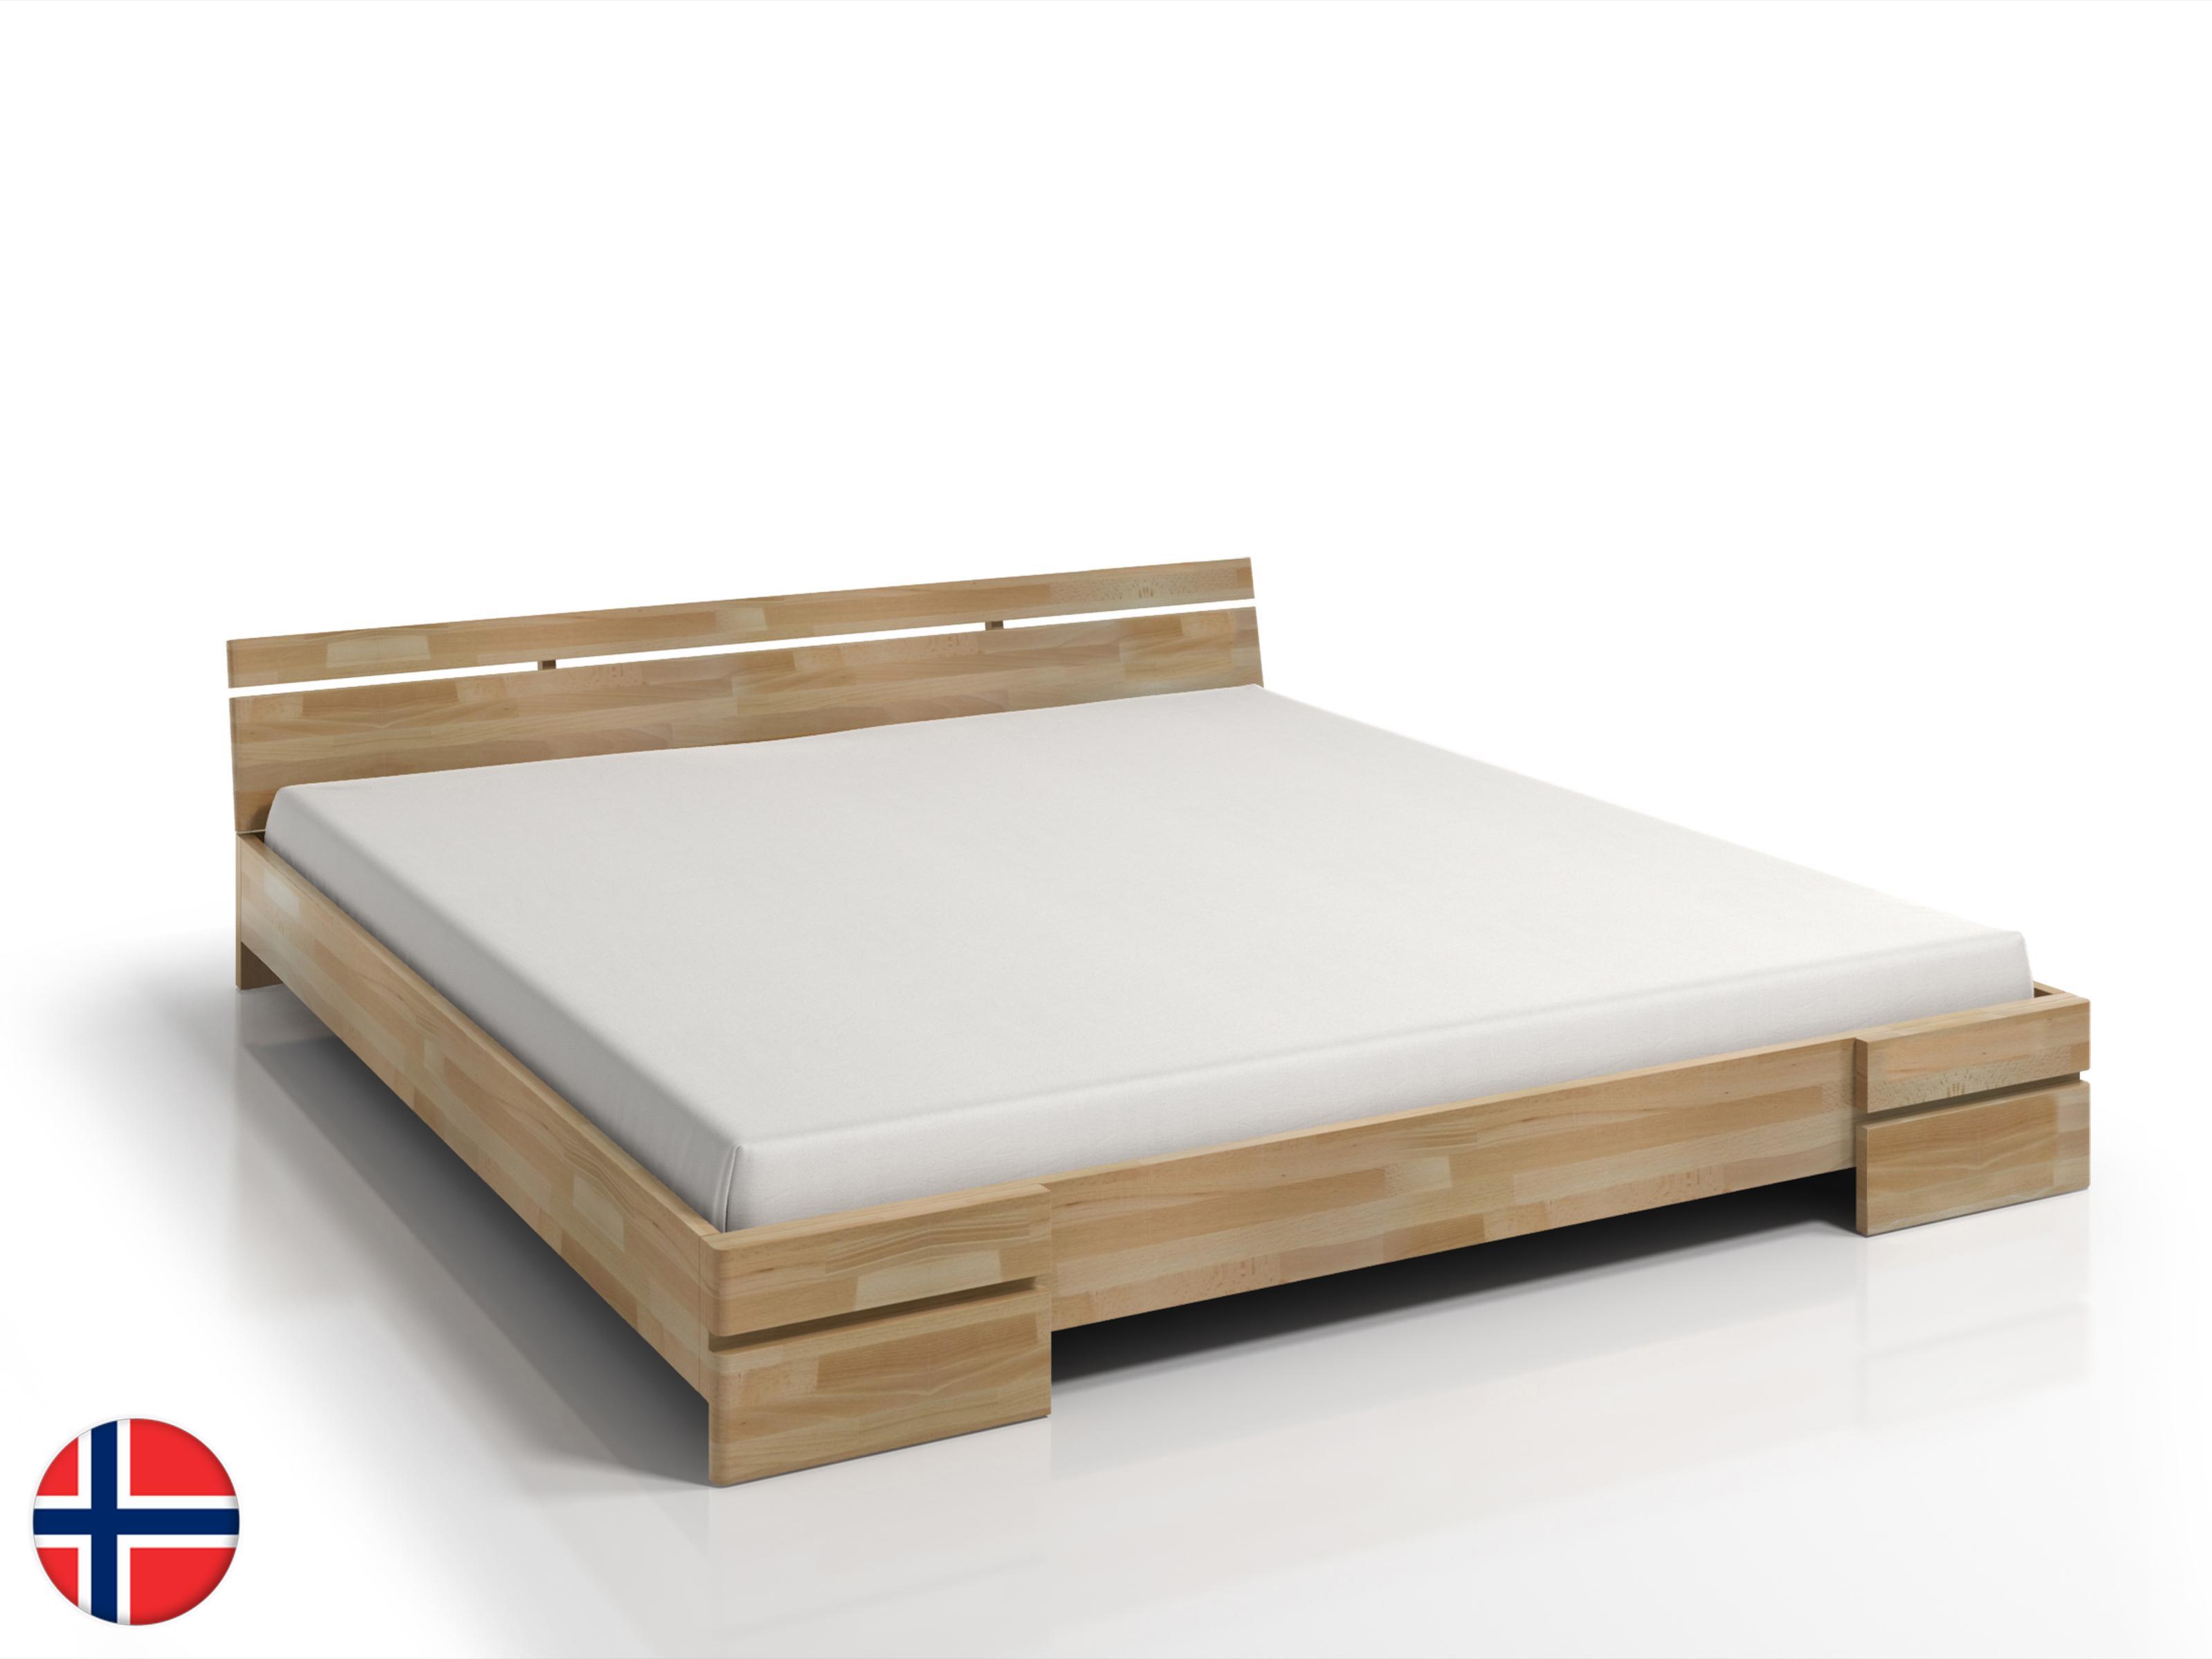 fcd013a722be Jednolôžková posteľ 120 cm Naturlig Bavergen (buk) (s roštom ...